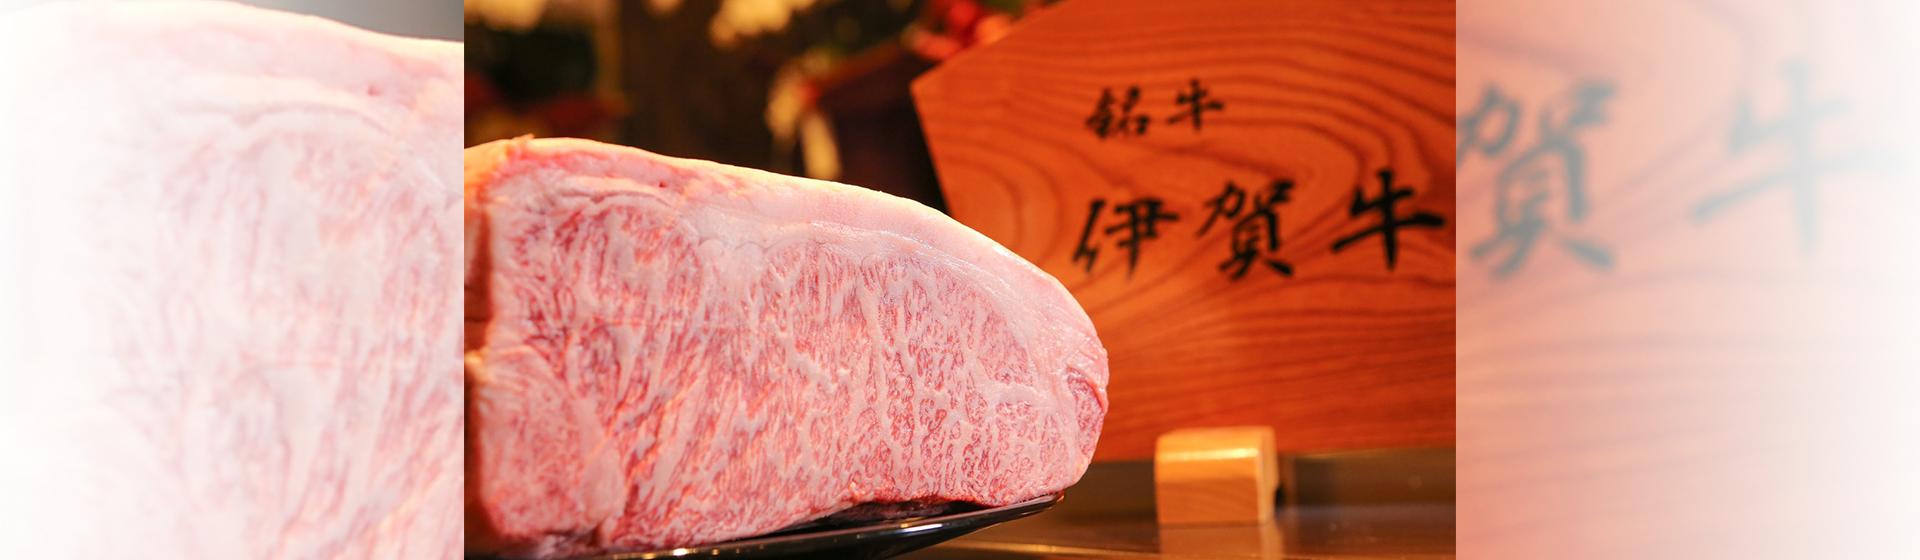 幻の牛と称される肉の横綱「伊賀牛」